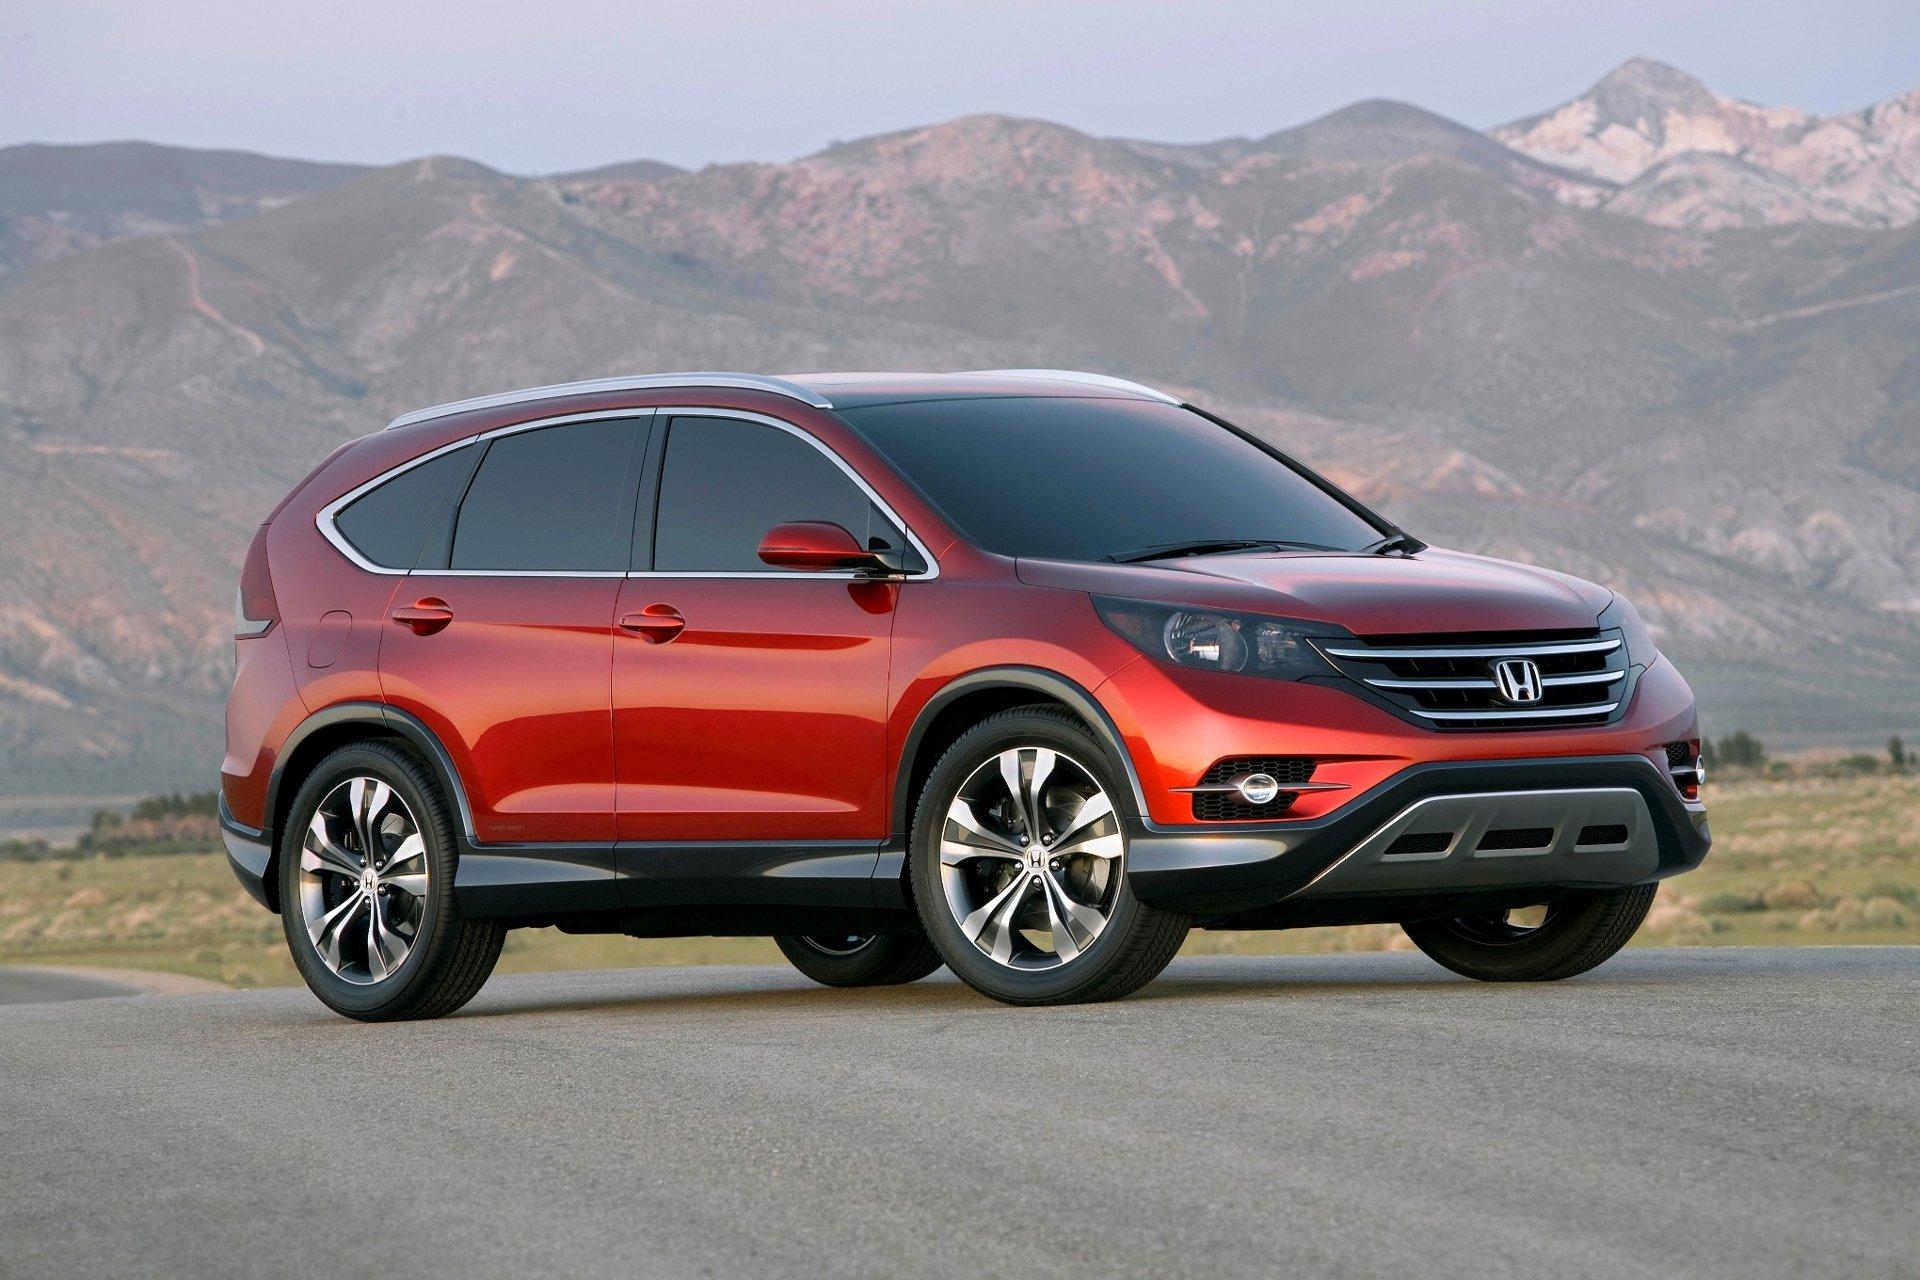 Honda CRV phiên bản máy dầu được giới thiệu 5